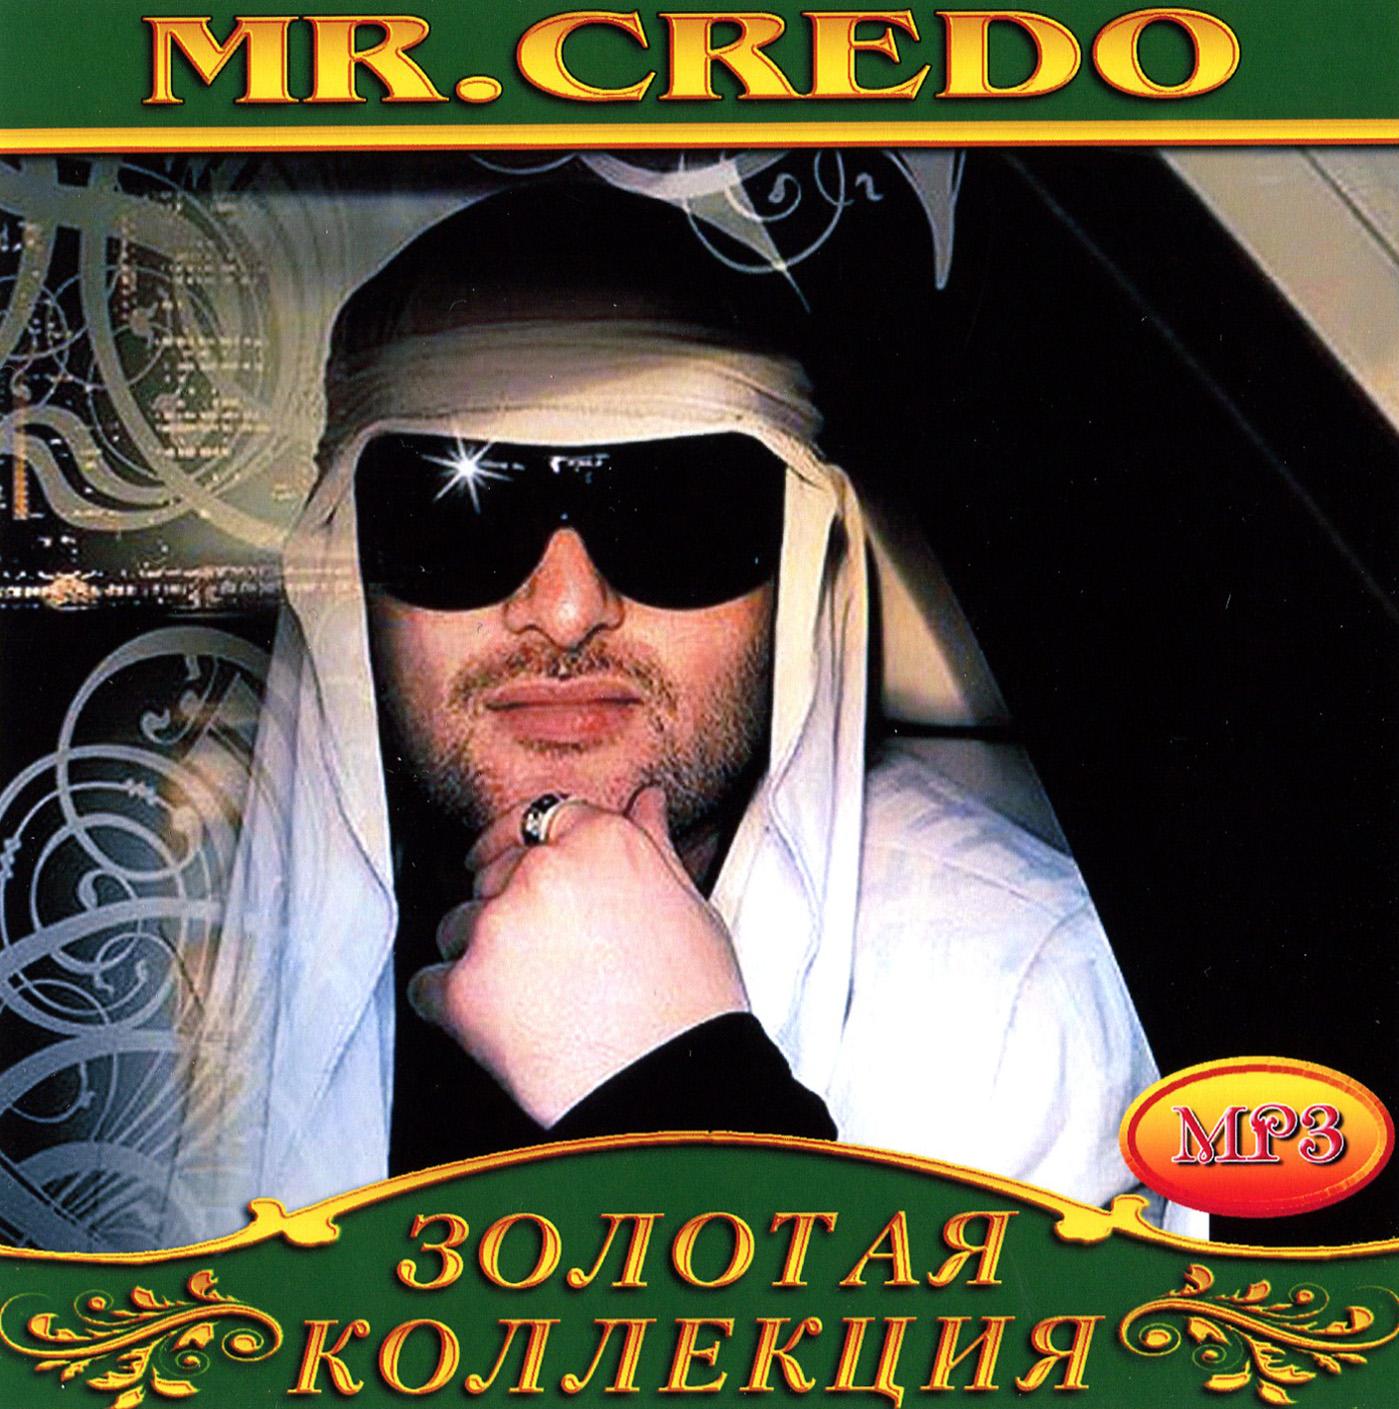 Mr. Credo [mp3]